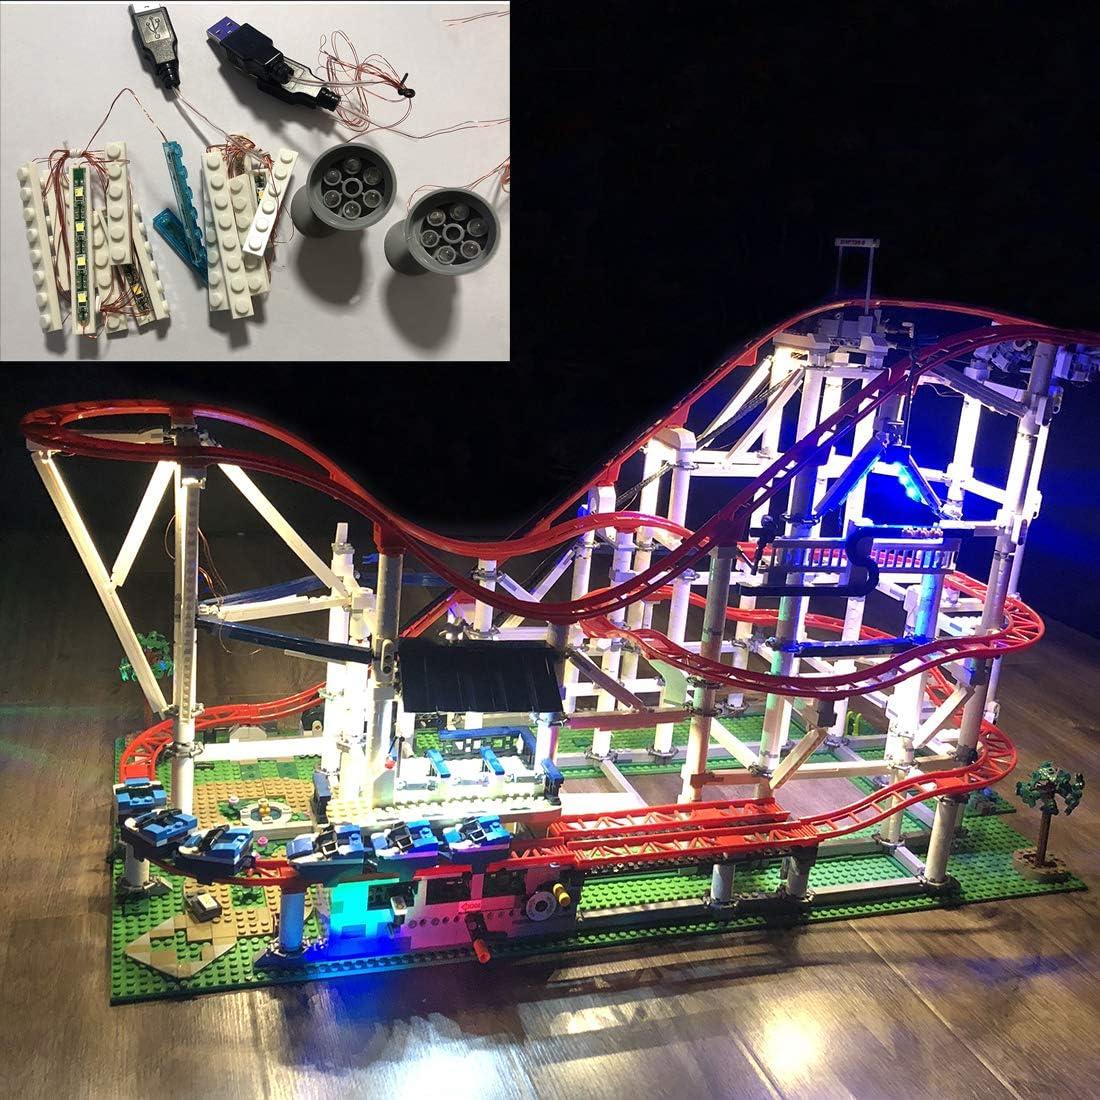 Polai Luces LED para Lego 10261 Montaña Rusa (Set Lego No Está ...